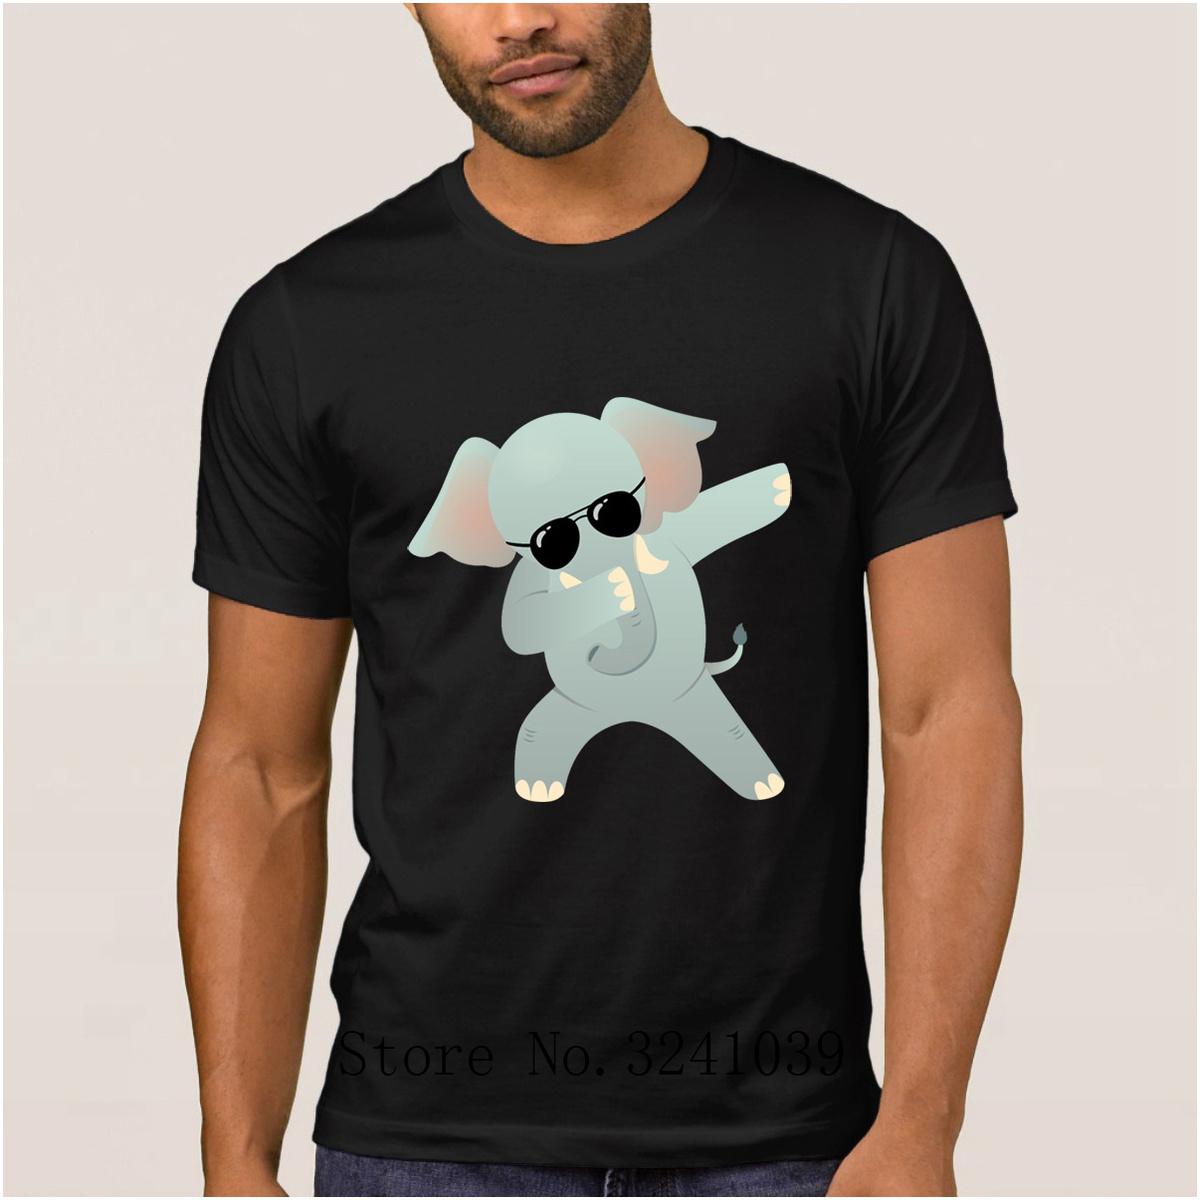 taille 7 large choix de designs achat original Acheter Créer Un Éléphant Tamponnant Avec Des Lunettes De Soleil Cadeau T  Shirt Pour Mens Été Intéressant T Shirt Lettre T Shirt 100% Coton De $15.74  ...